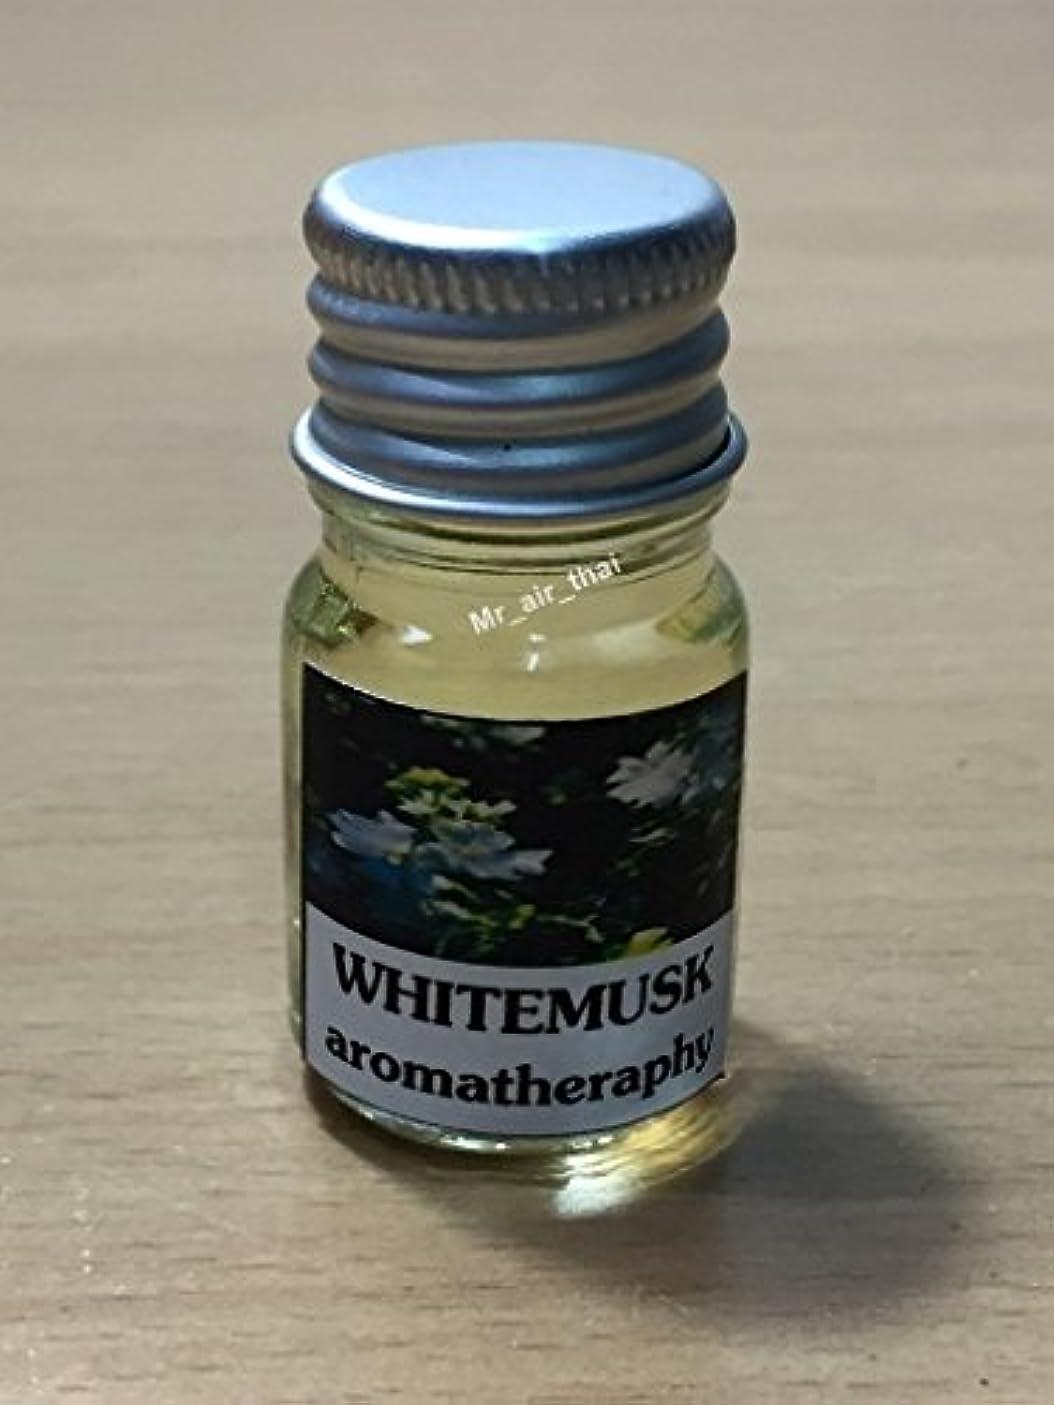 カリング教育者虹5ミリリットルアロマホワイトムスクフランクインセンスエッセンシャルオイルボトルアロマテラピーオイル自然自然5ml Aroma Whitemusk Frankincense Essential Oil Bottles Aromatherapy...